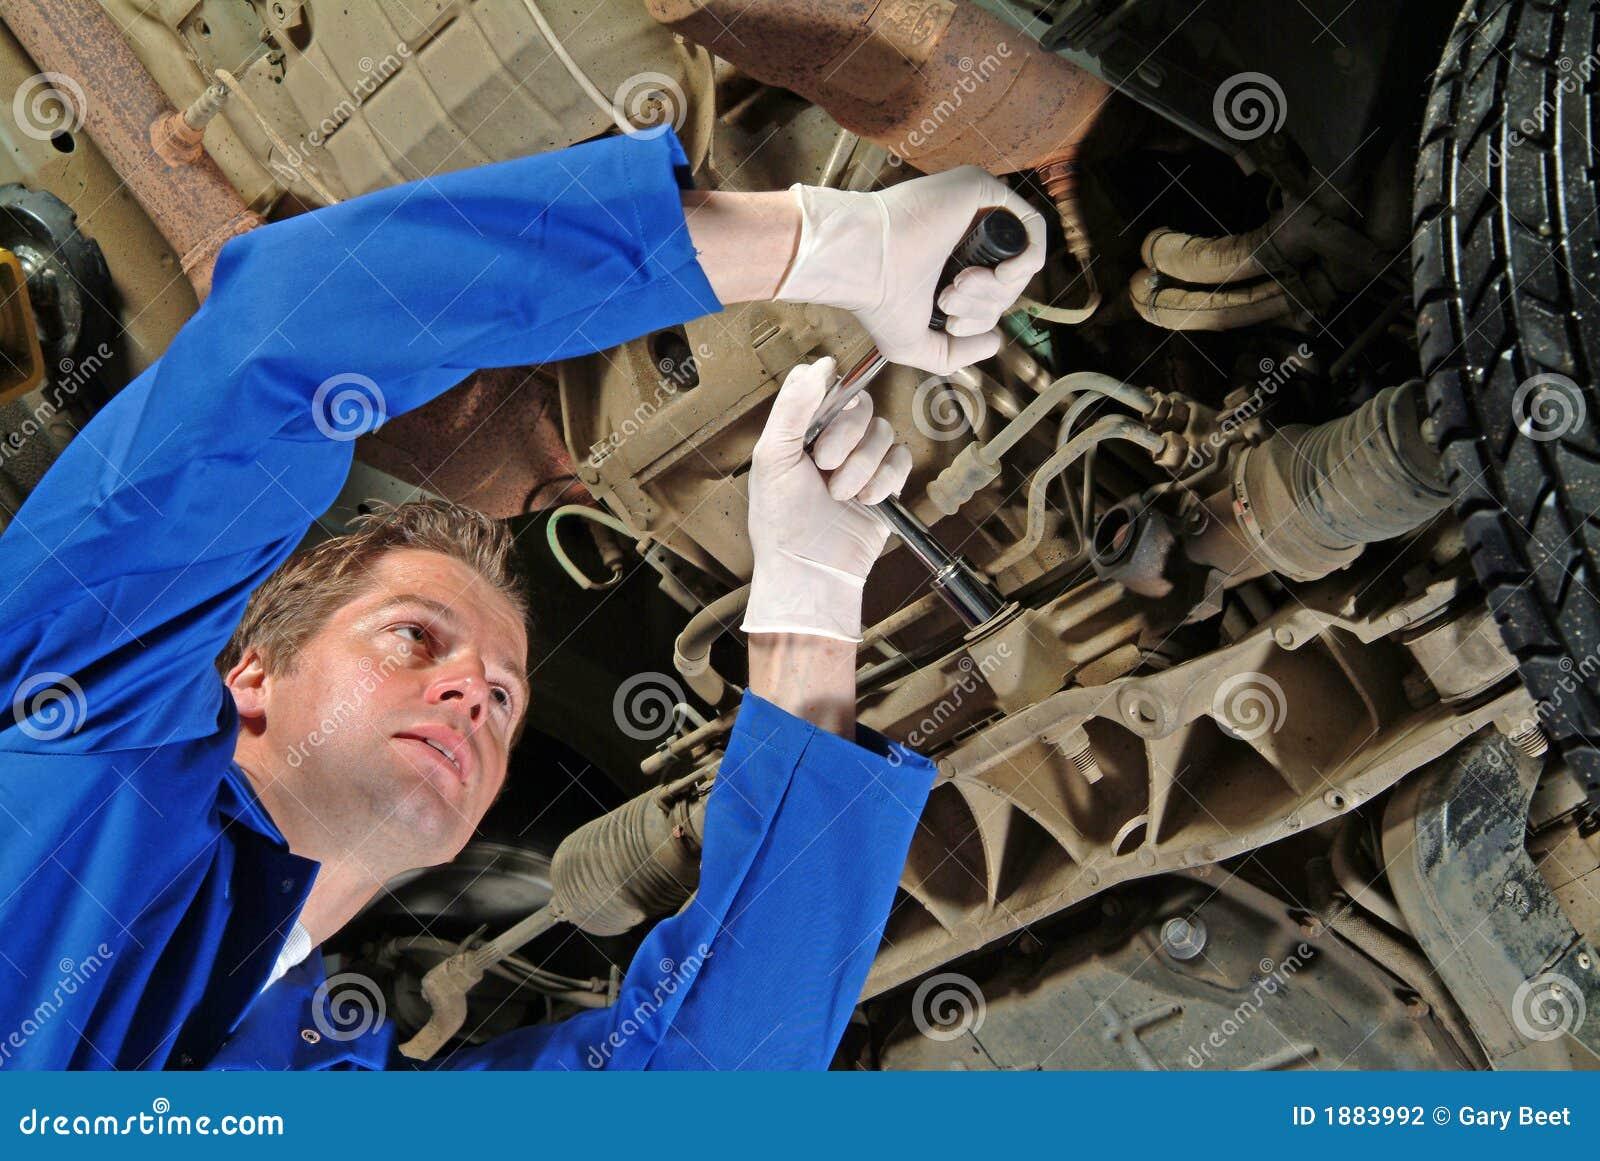 汽车修理师